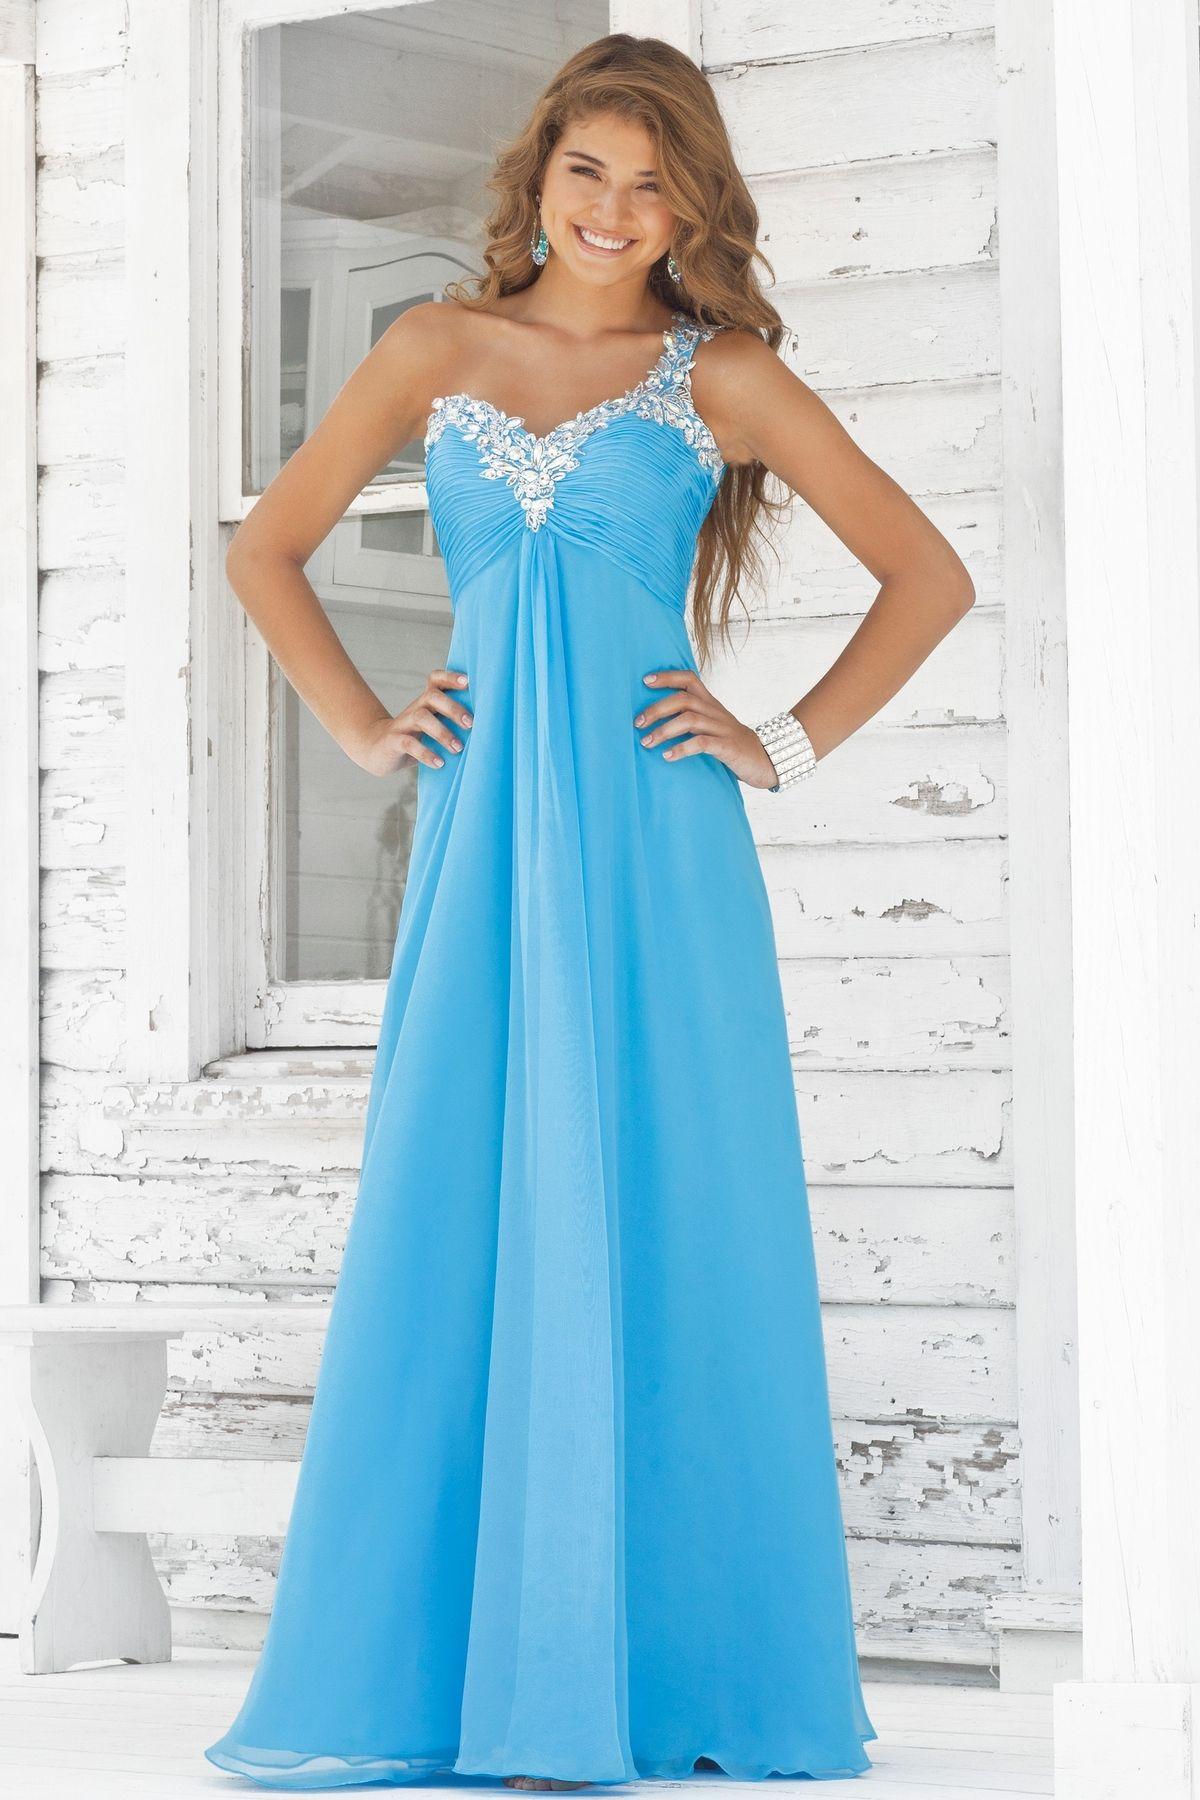 Cheap Ball Dresses   Dress images